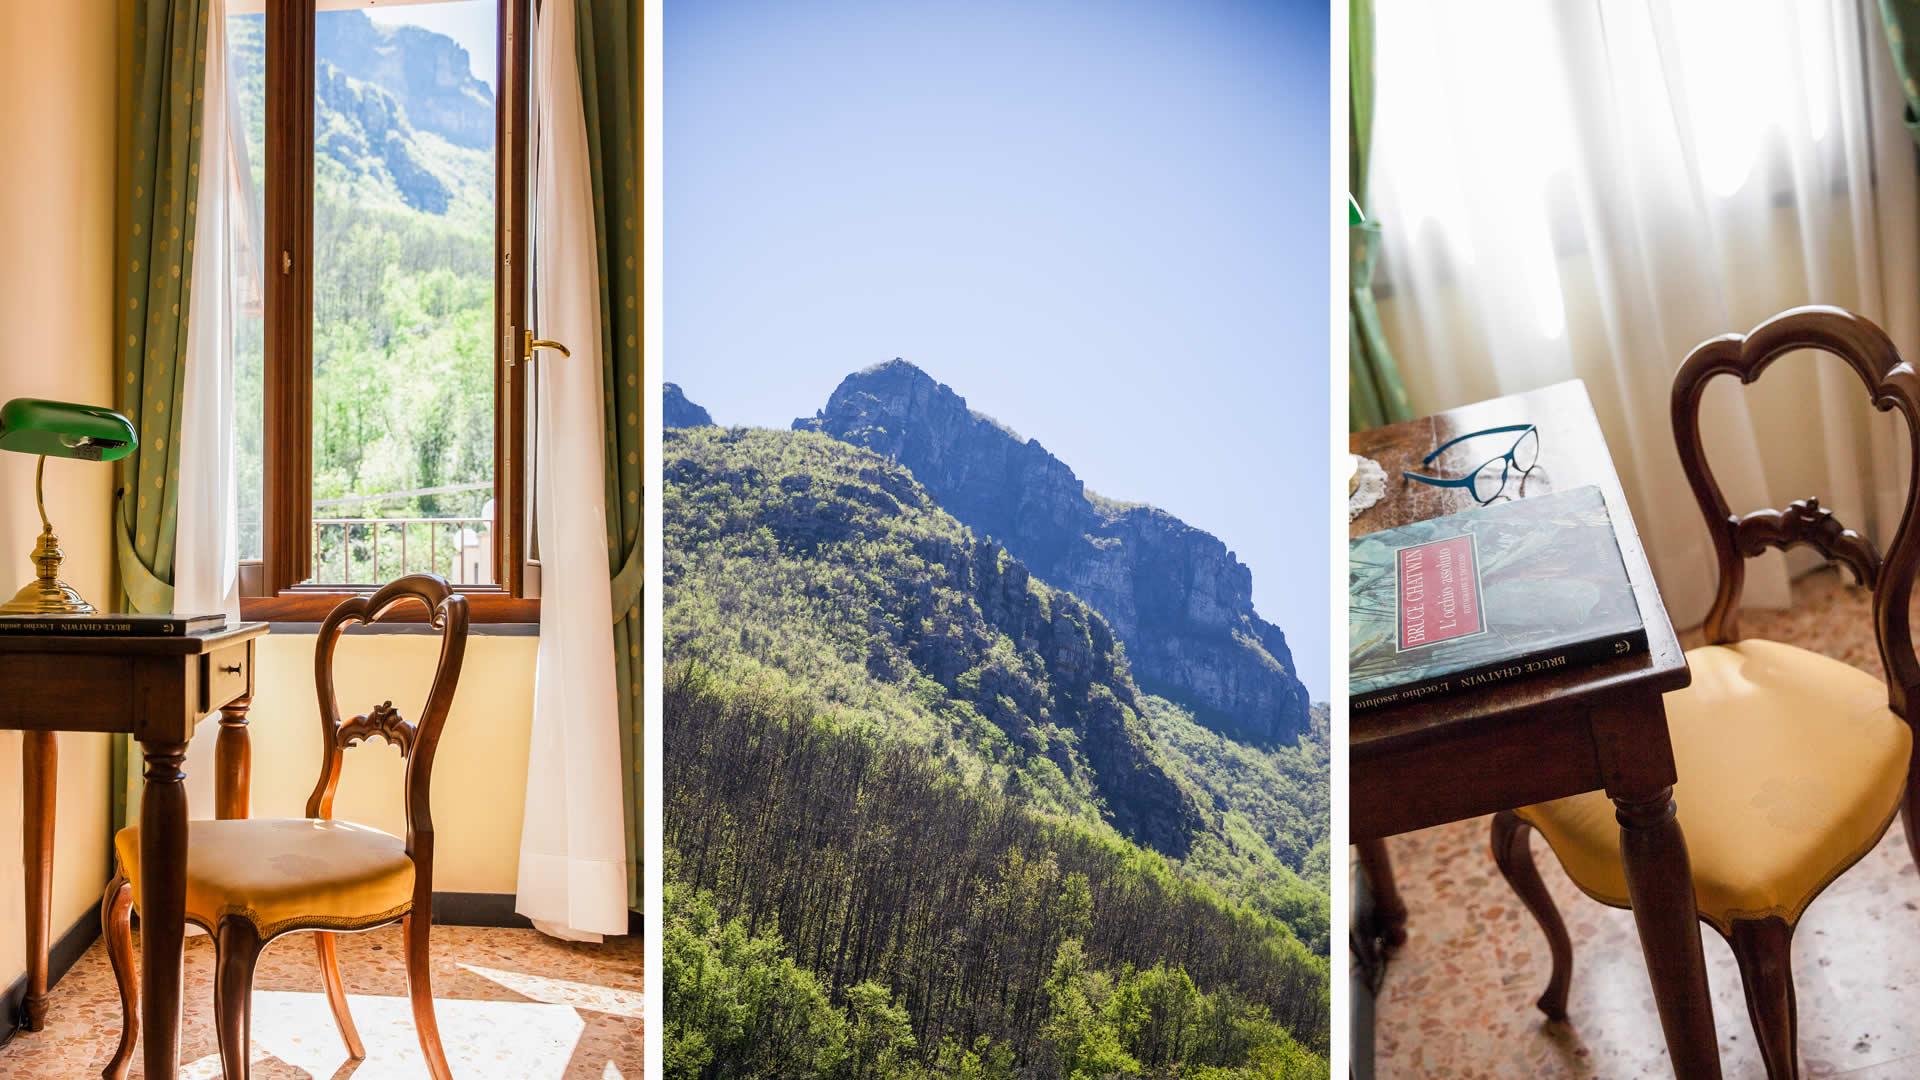 Camere hotel entroterra albenga soggiorno charme natura savona for Soggiorno in liguria